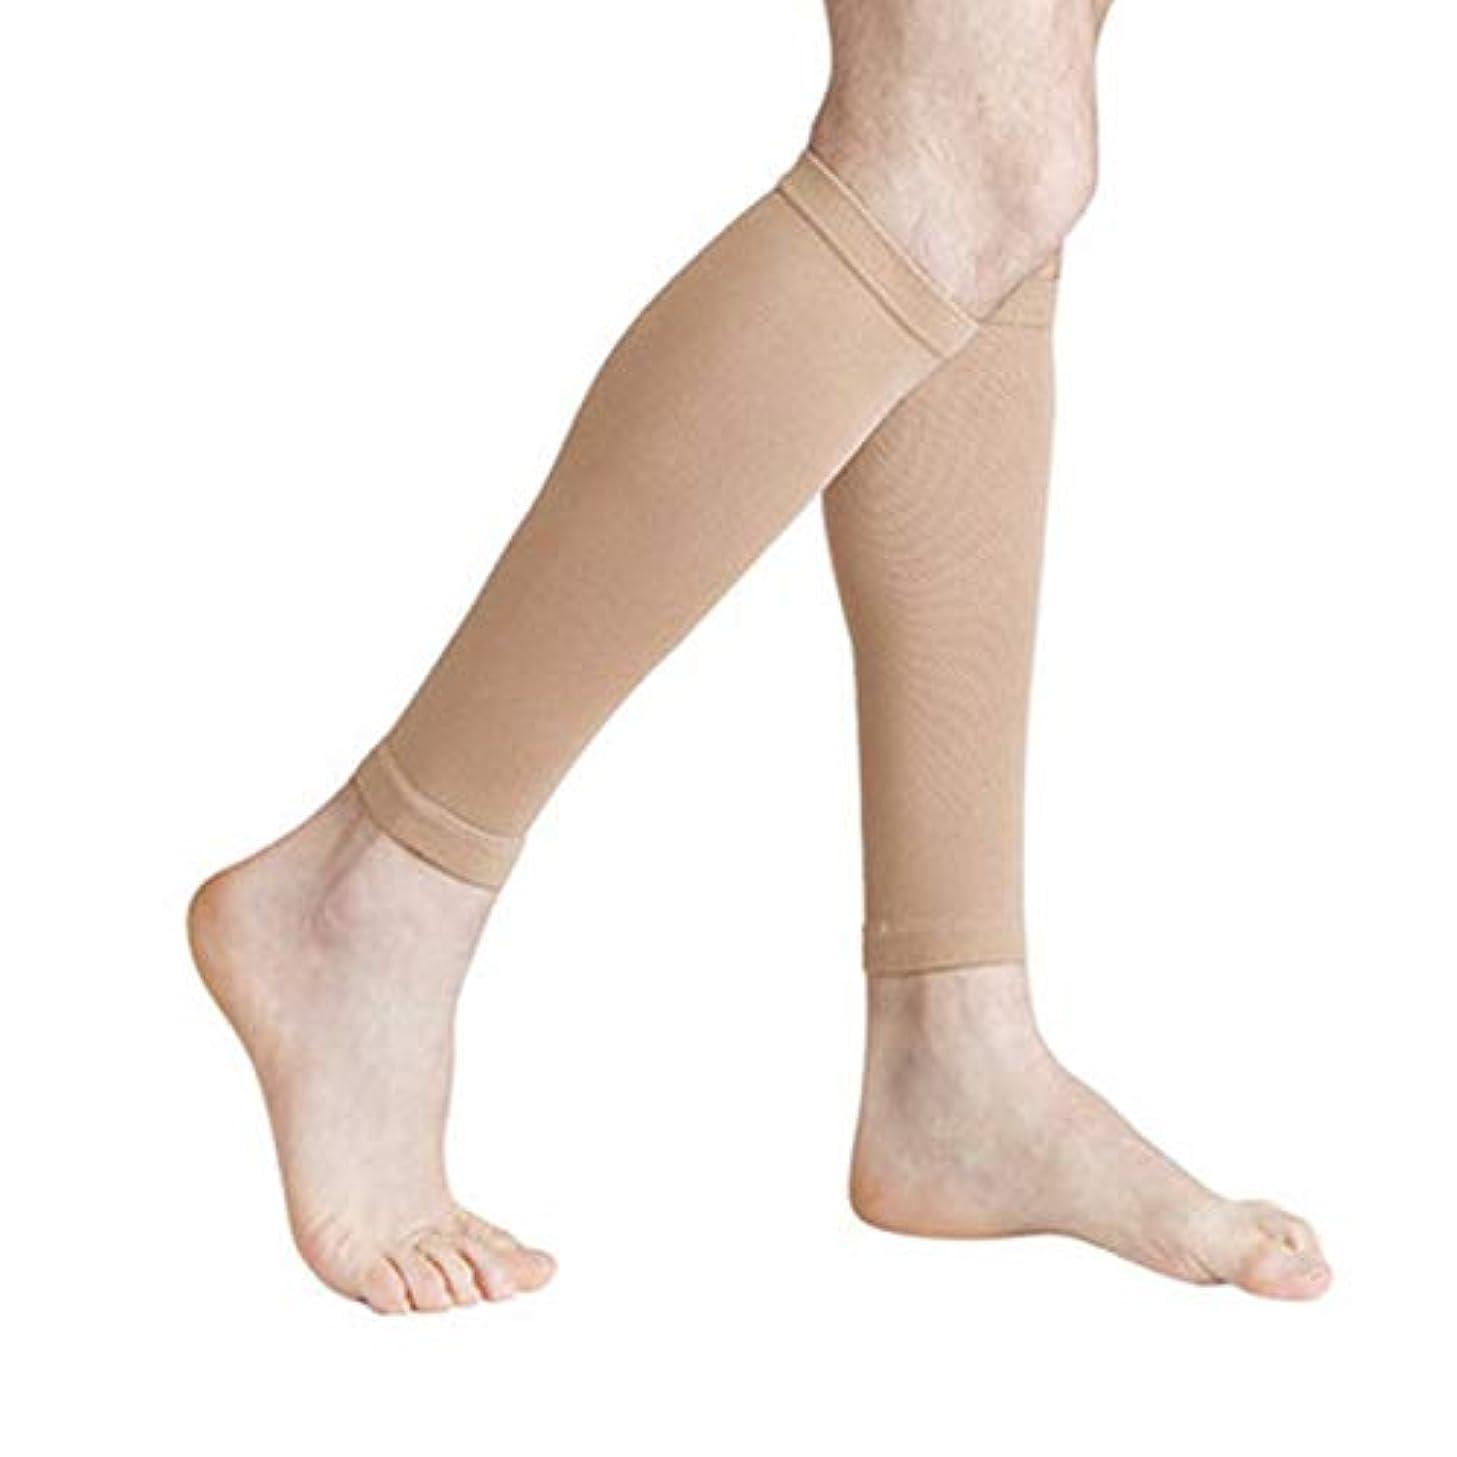 受け皿一般的な動的DeeploveUU 丈夫な男性女性プロの圧縮靴下通気性のある旅行活動看護師用シントスプリントフライト旅行